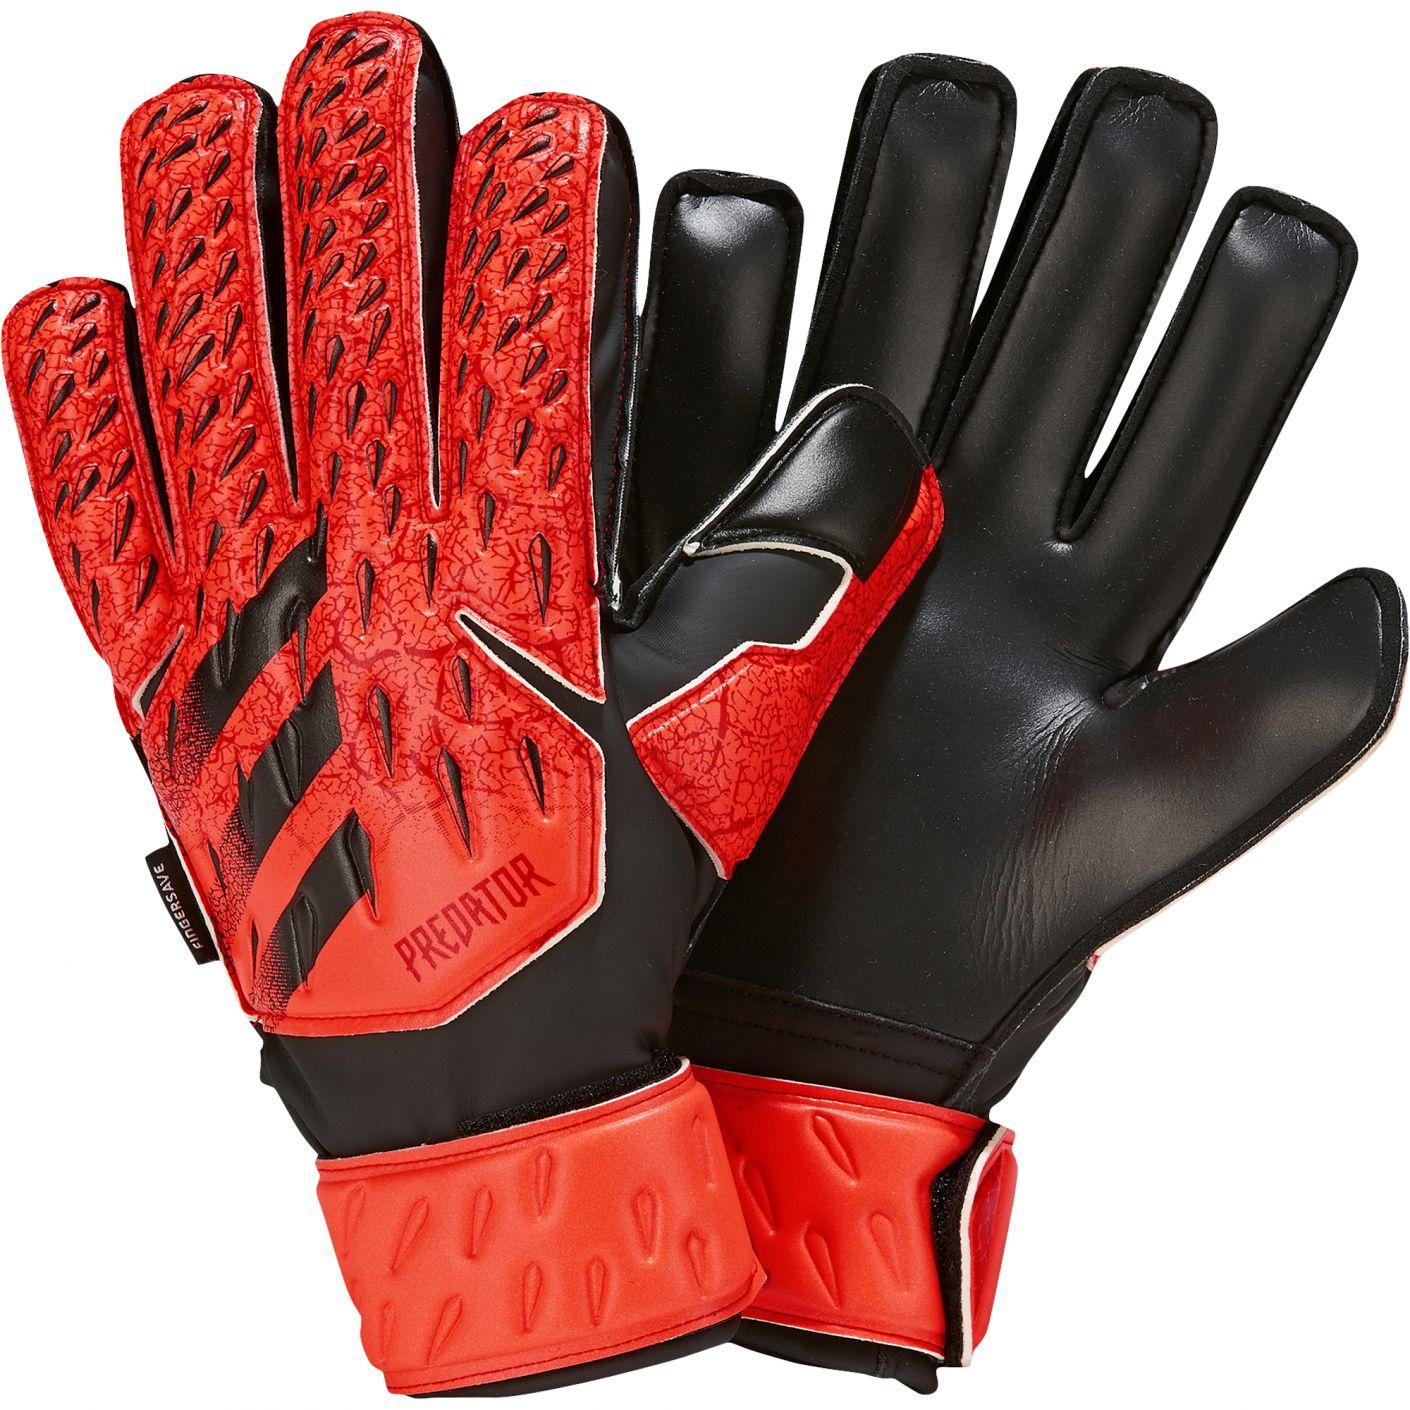 adidas Predator Keepershandschoenen Match FS Kids Rood Zwart